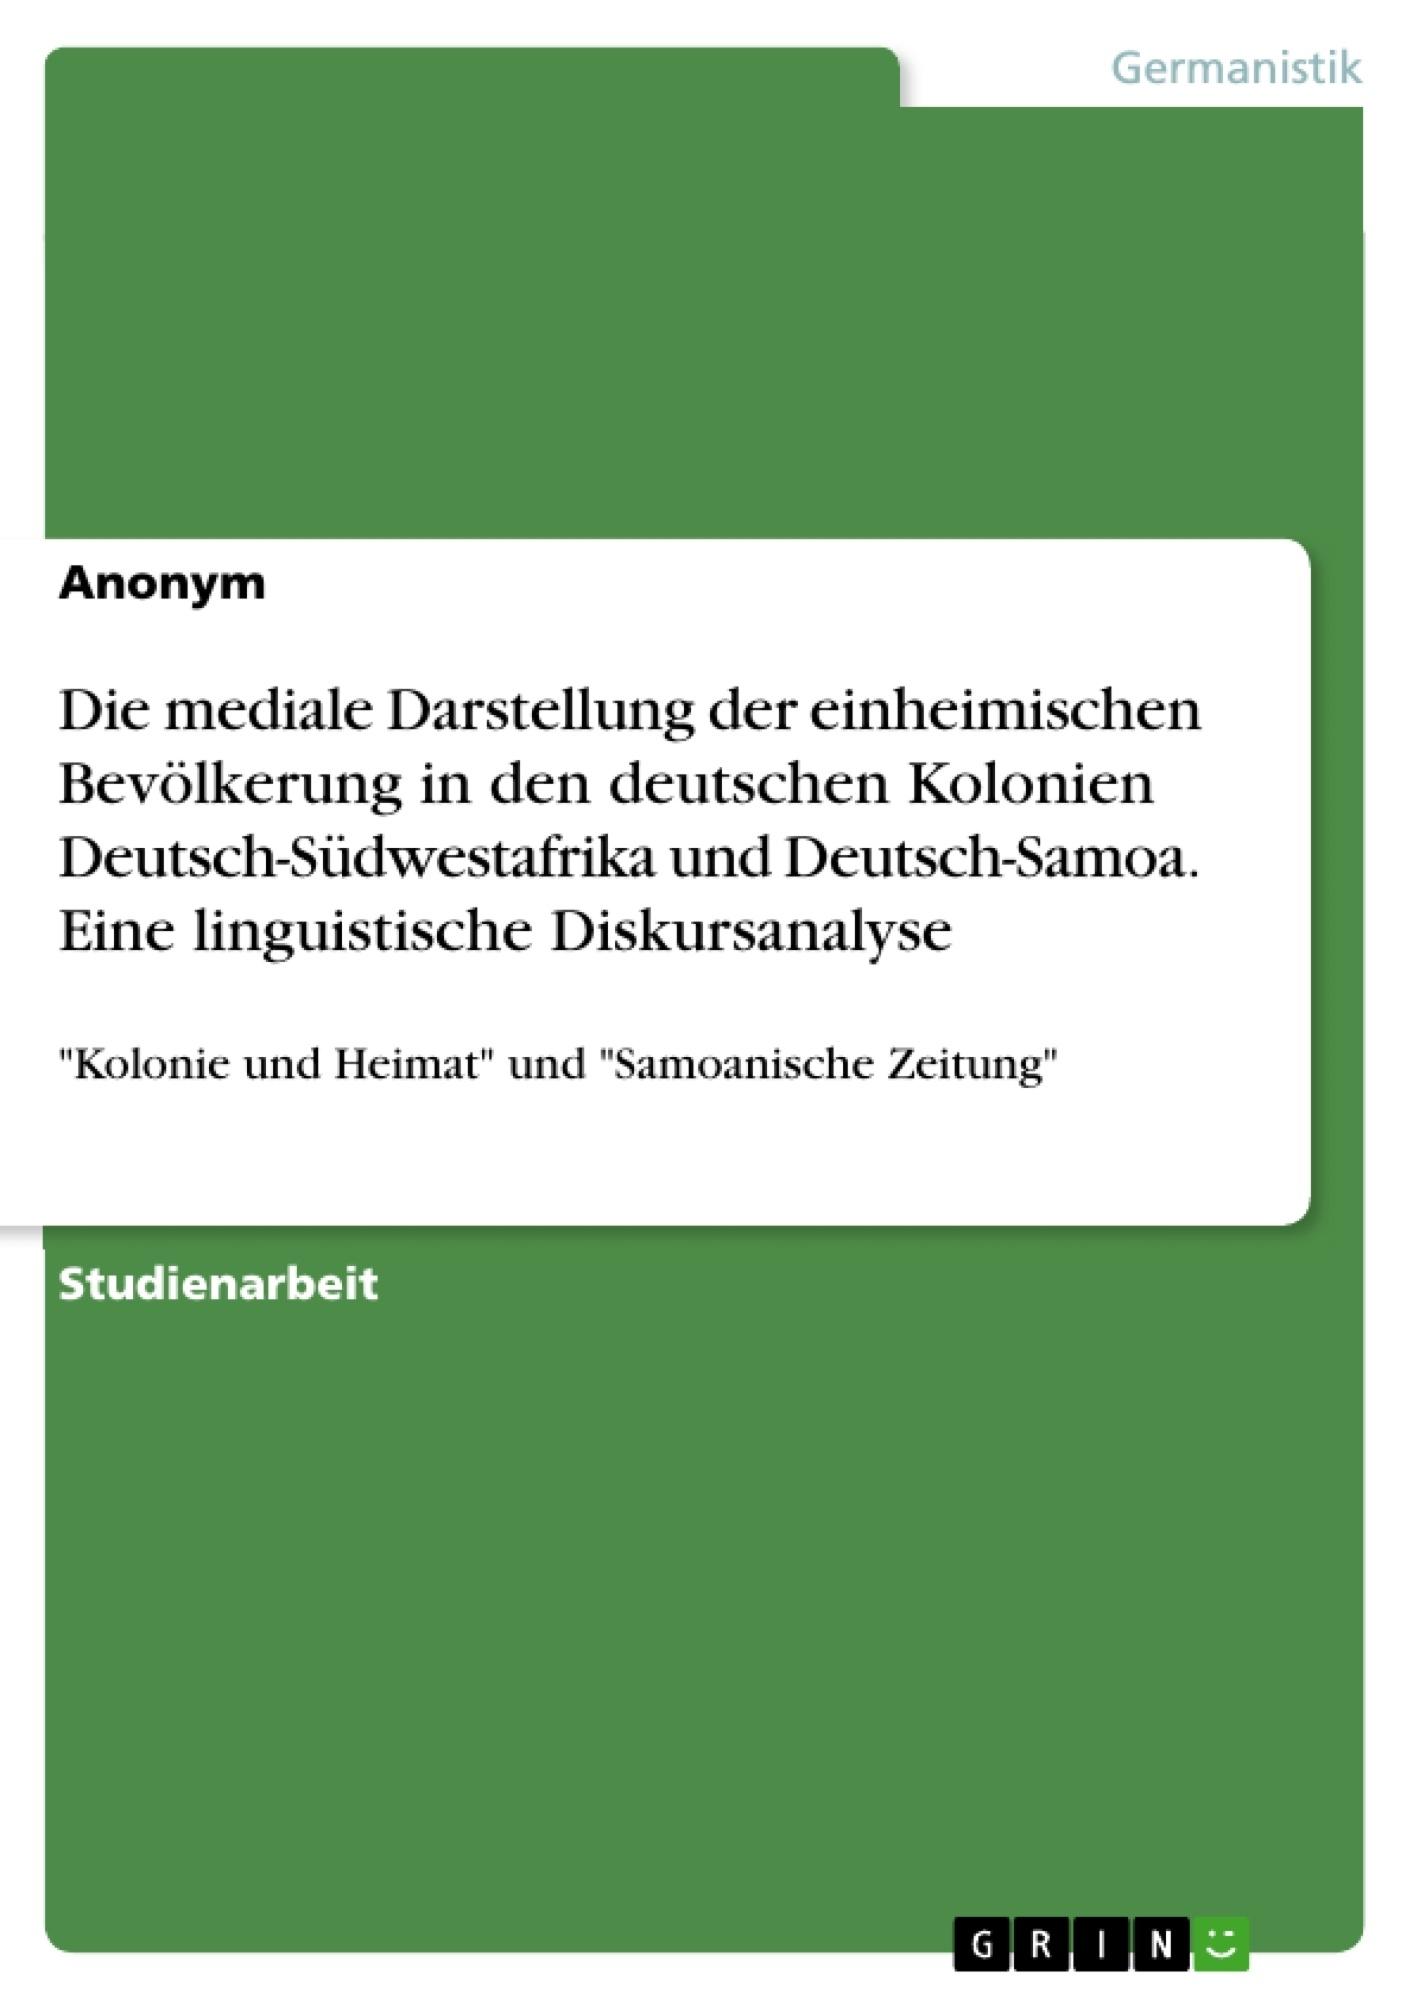 Titel: Die mediale Darstellung der einheimischen Bevölkerung in den deutschen Kolonien Deutsch-Südwestafrika und Deutsch-Samoa. Eine linguistische Diskursanalyse